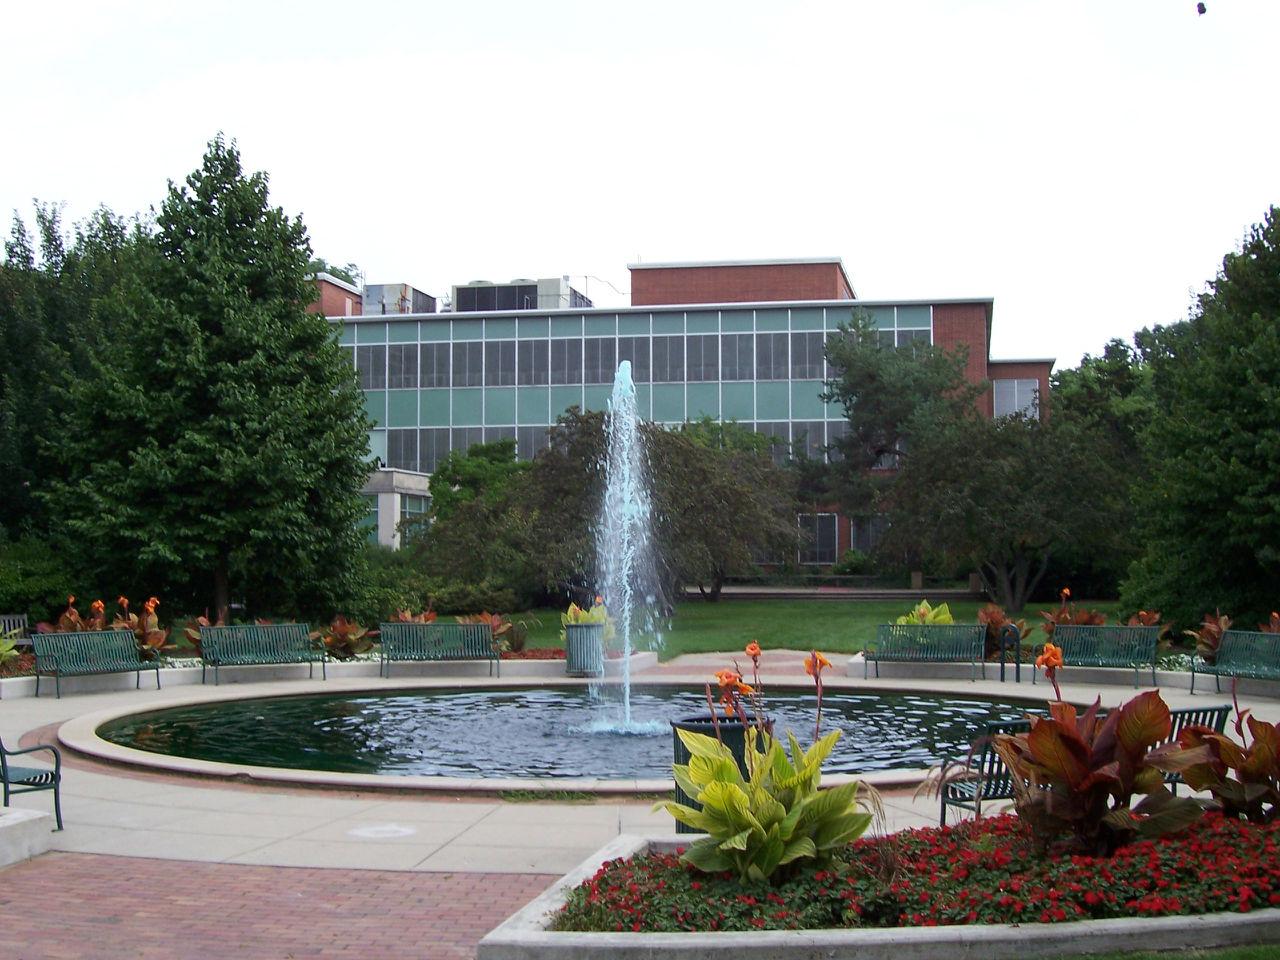 共计约有一万六签名的学生居住于密歇根州立的二十三栋大学生宿舍图片